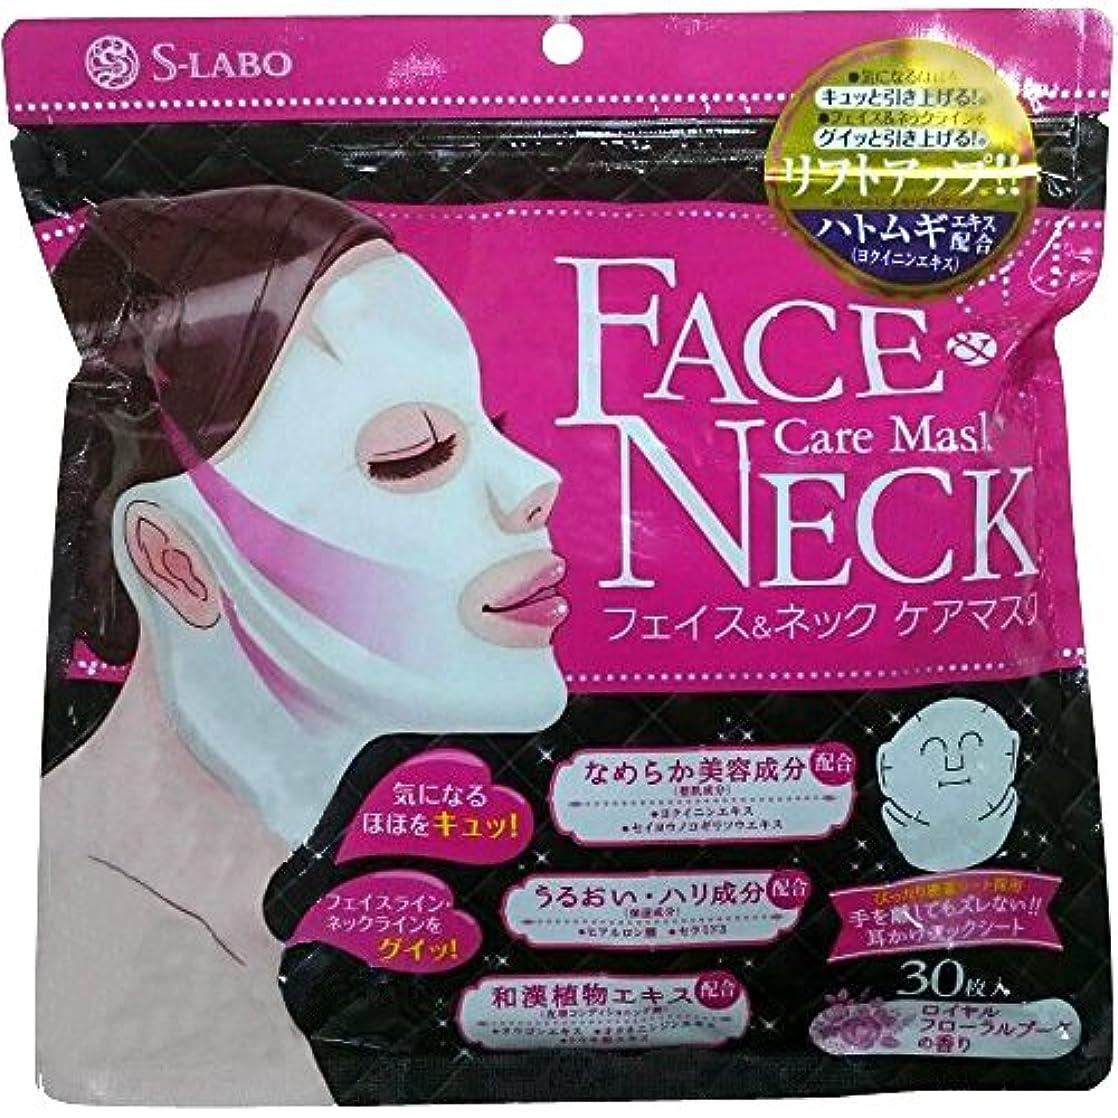 参加する剥ぎ取る完璧S-LABO フェイス & ネックケアマスク (30枚入)